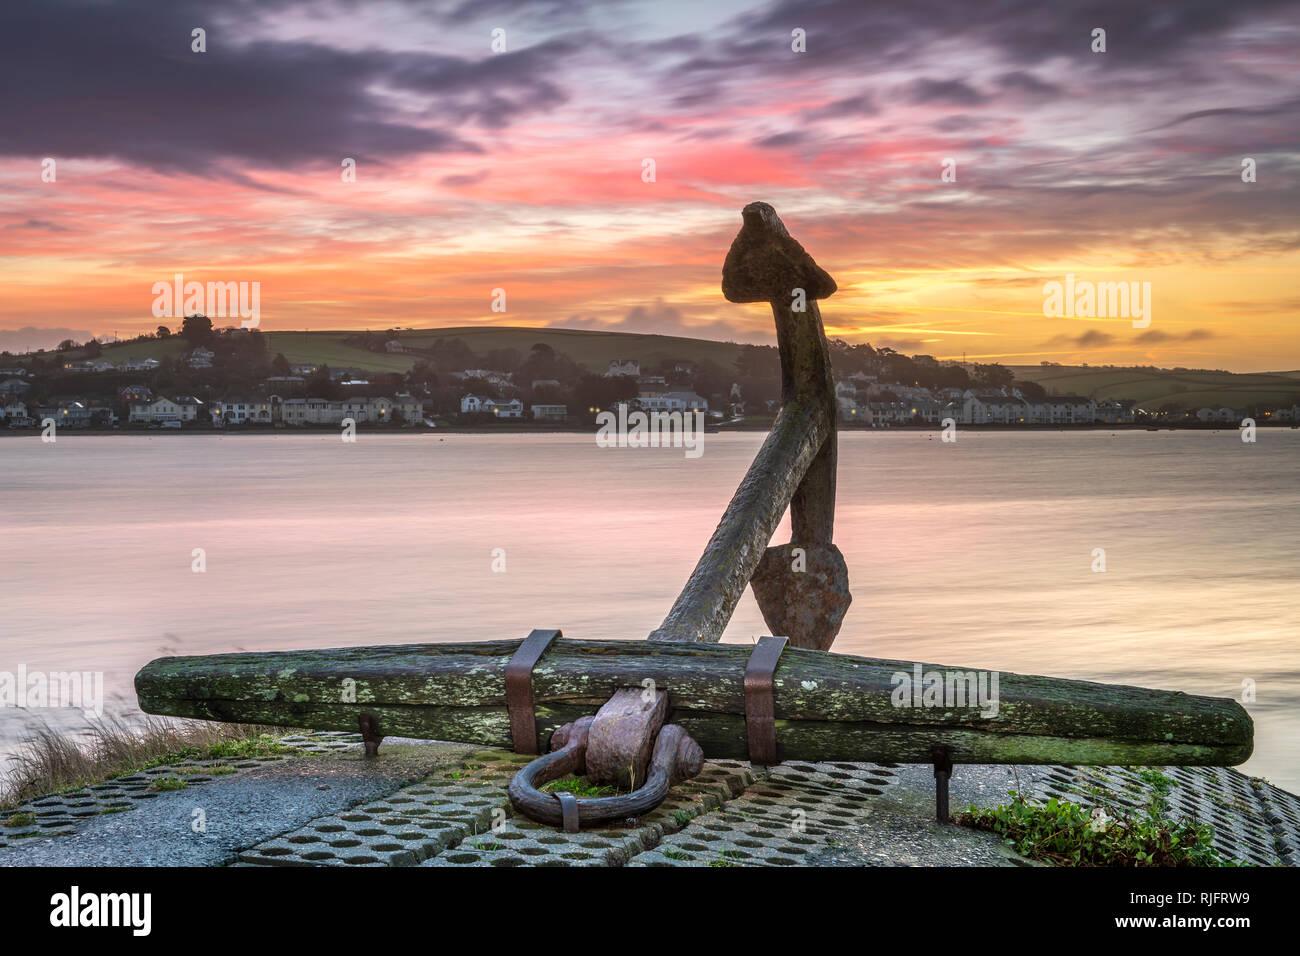 Appledore, Devon, UK. 6 Février, 2019. UK - Mercredi 6 février 2019. Après une nuit froide dans le Nord du Devon un ciel coloré s'allume l'estuaire de Torridge et ancrage historique sur le quai à Hartland. Credit: Terry Mathews/Alamy Live News Photo Stock